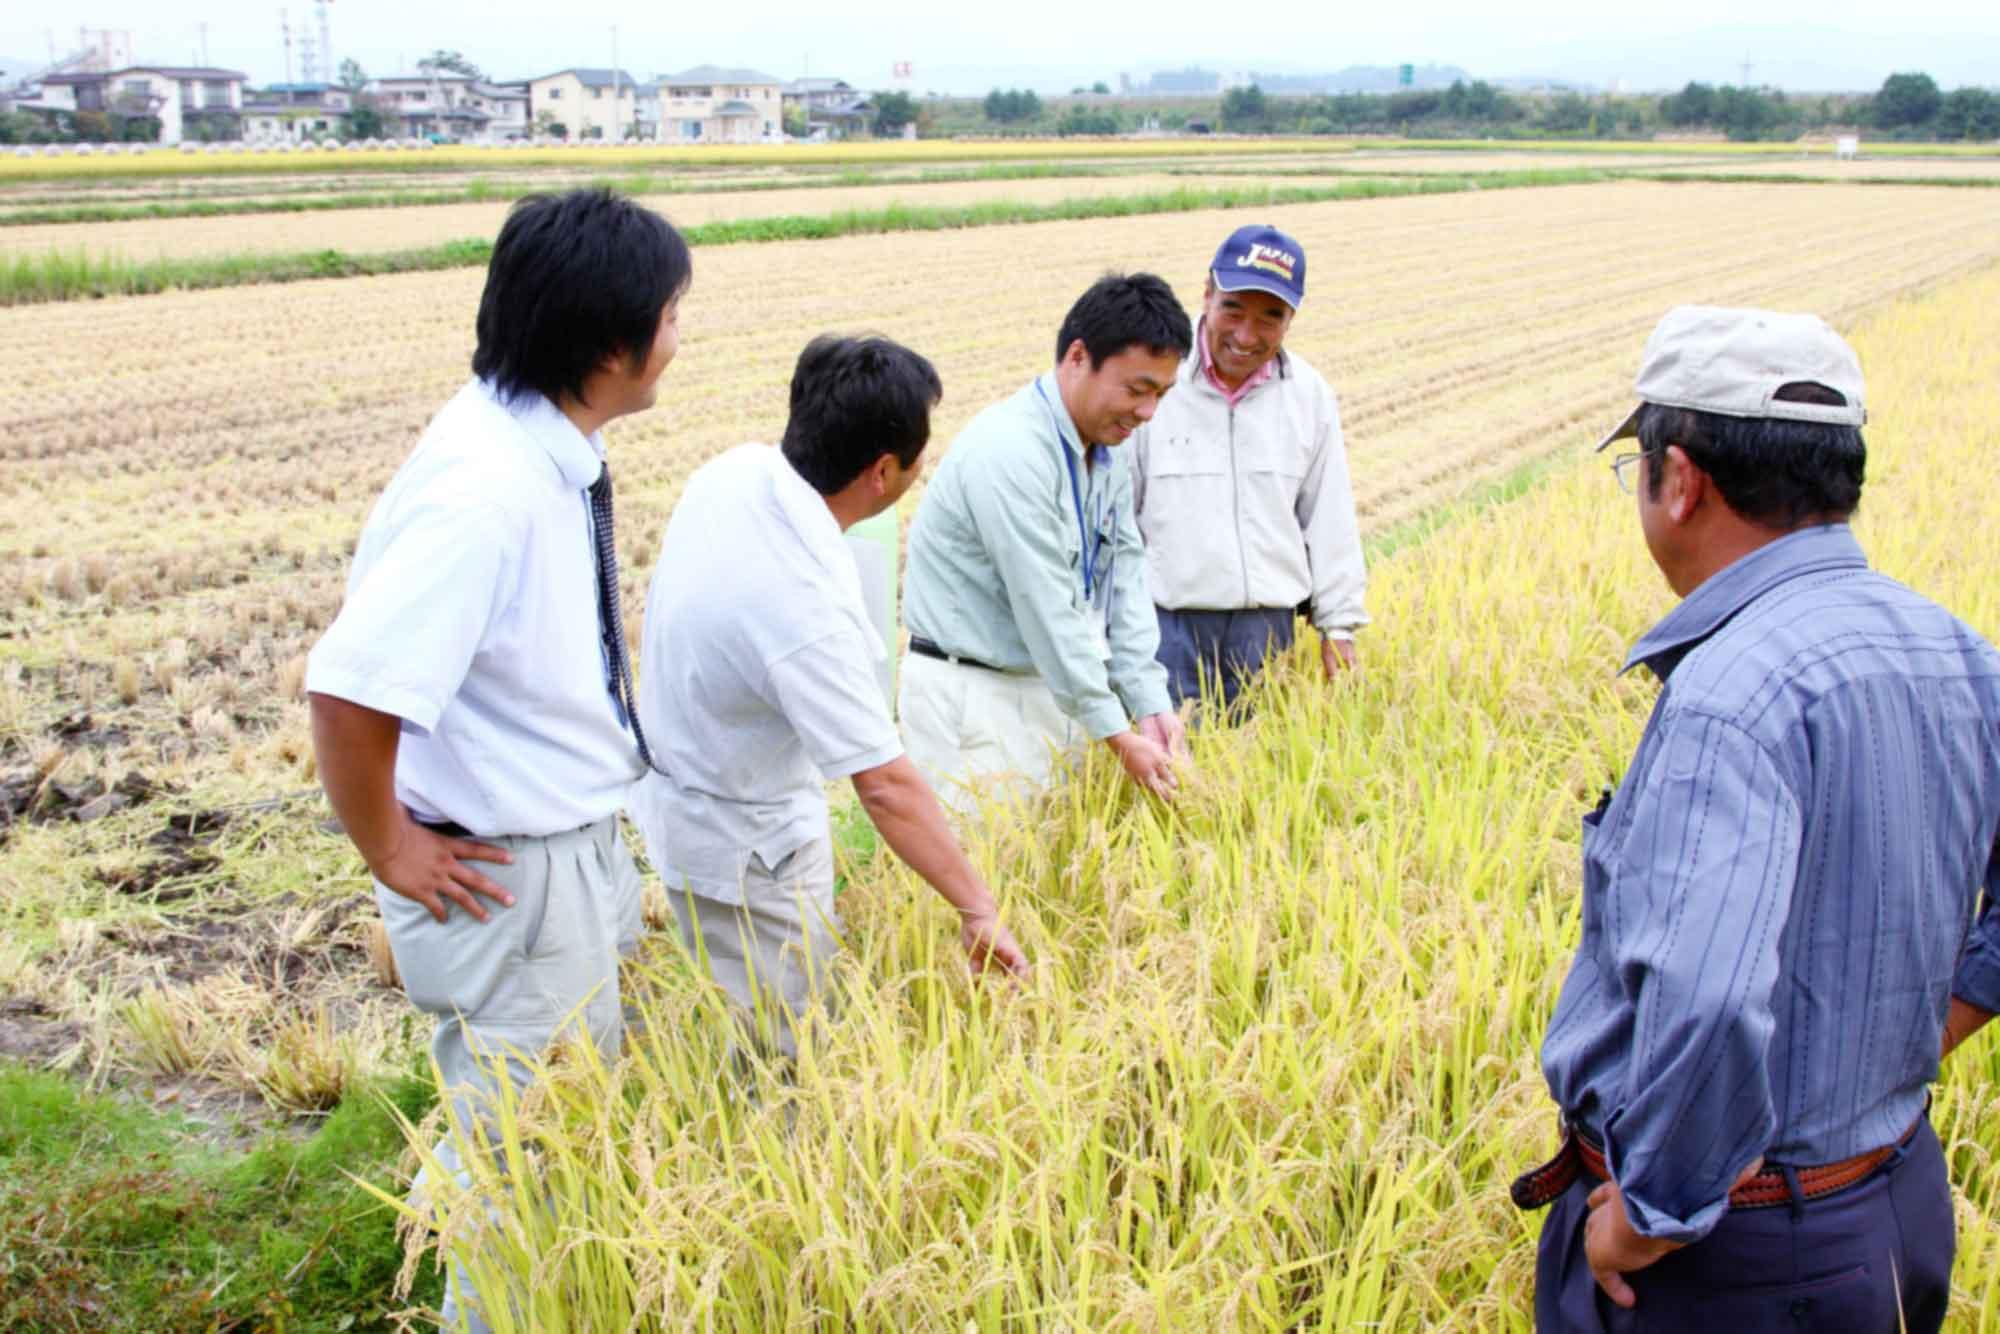 山形県アンテナショップおいしい山形 素材を訪ねて|株式会社マルハチ:                 関係者や生産者仲間の立ち会いのもと、稲の実り具合を確認し、基準を満たすと刈り入れが始まります。